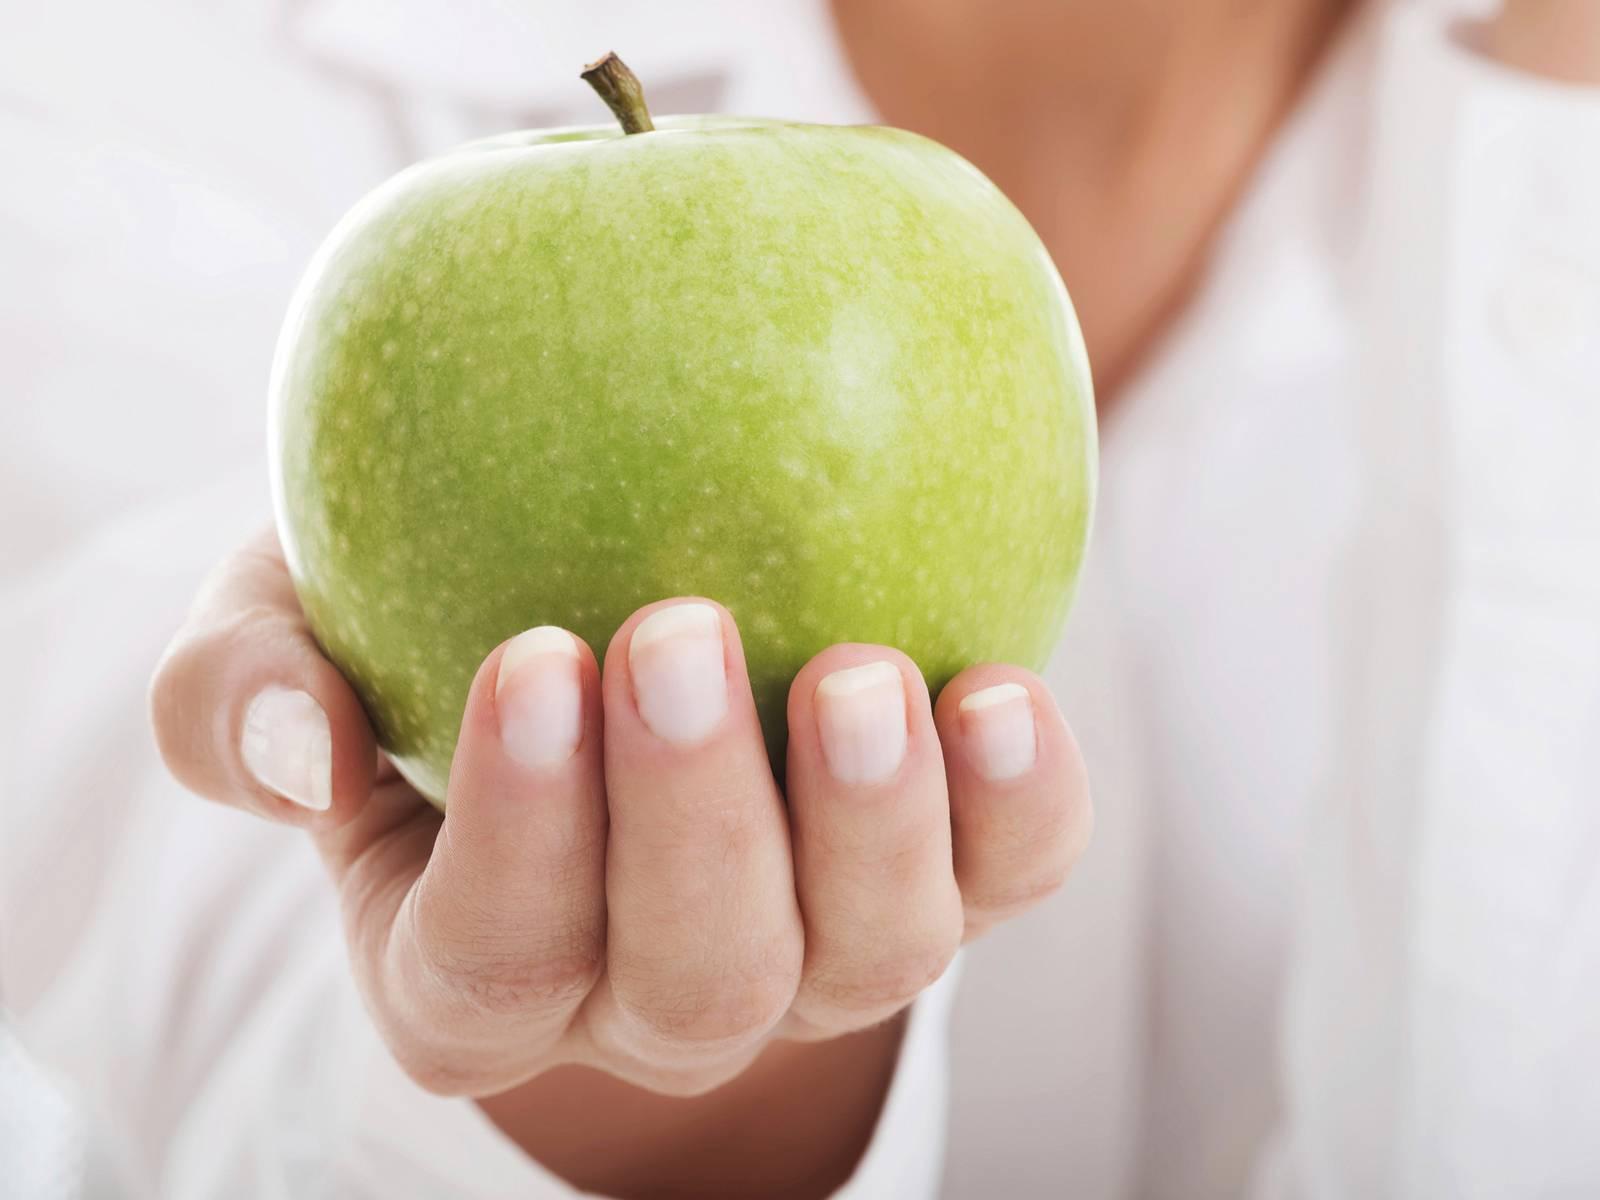 Ein grüner Apfel wird von einer Hand umschlossen